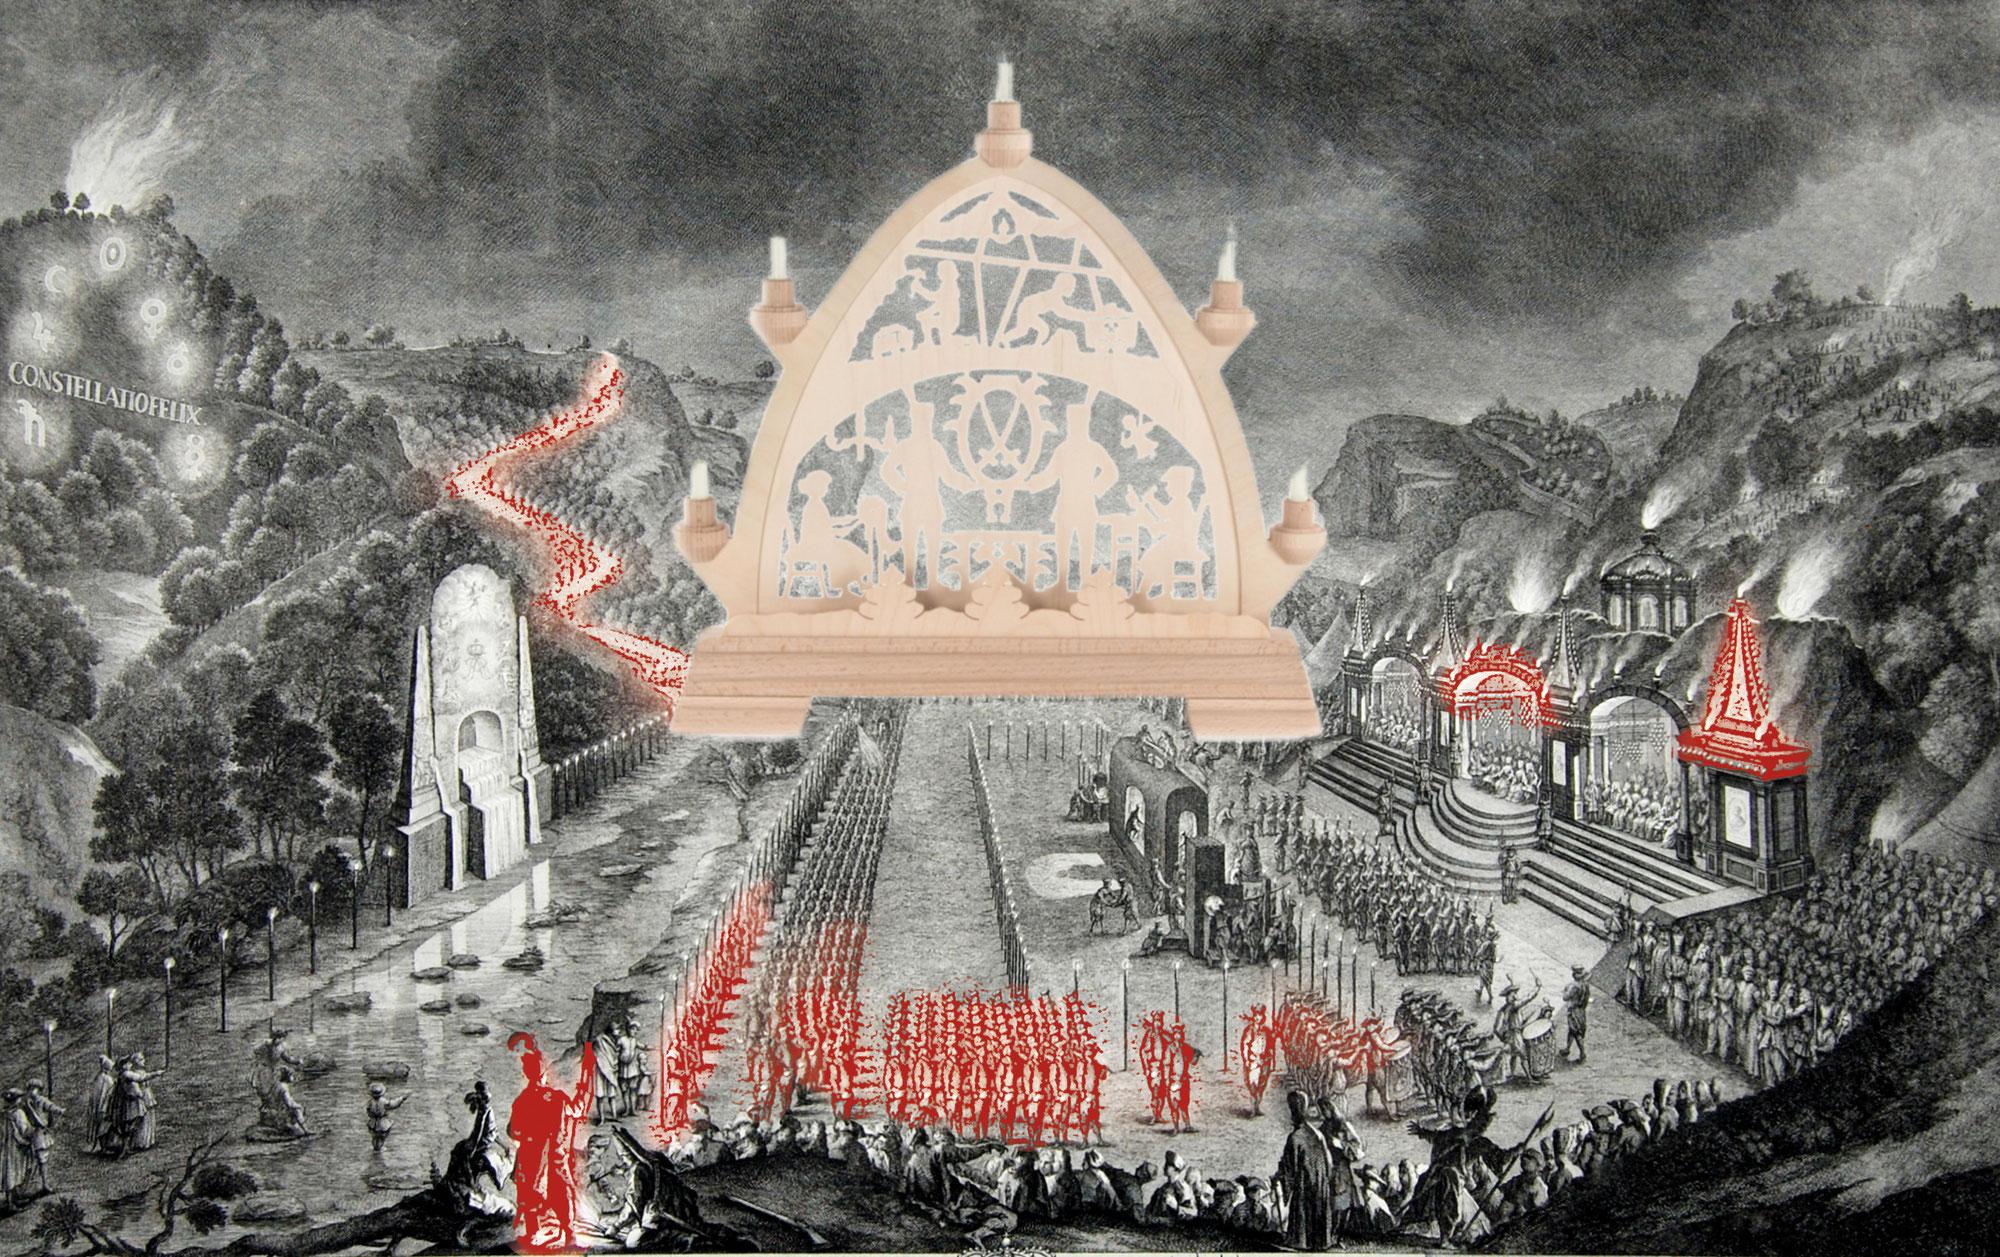 Auf der Suche nach dem Ursprung des Schwibbogens - Teil 2